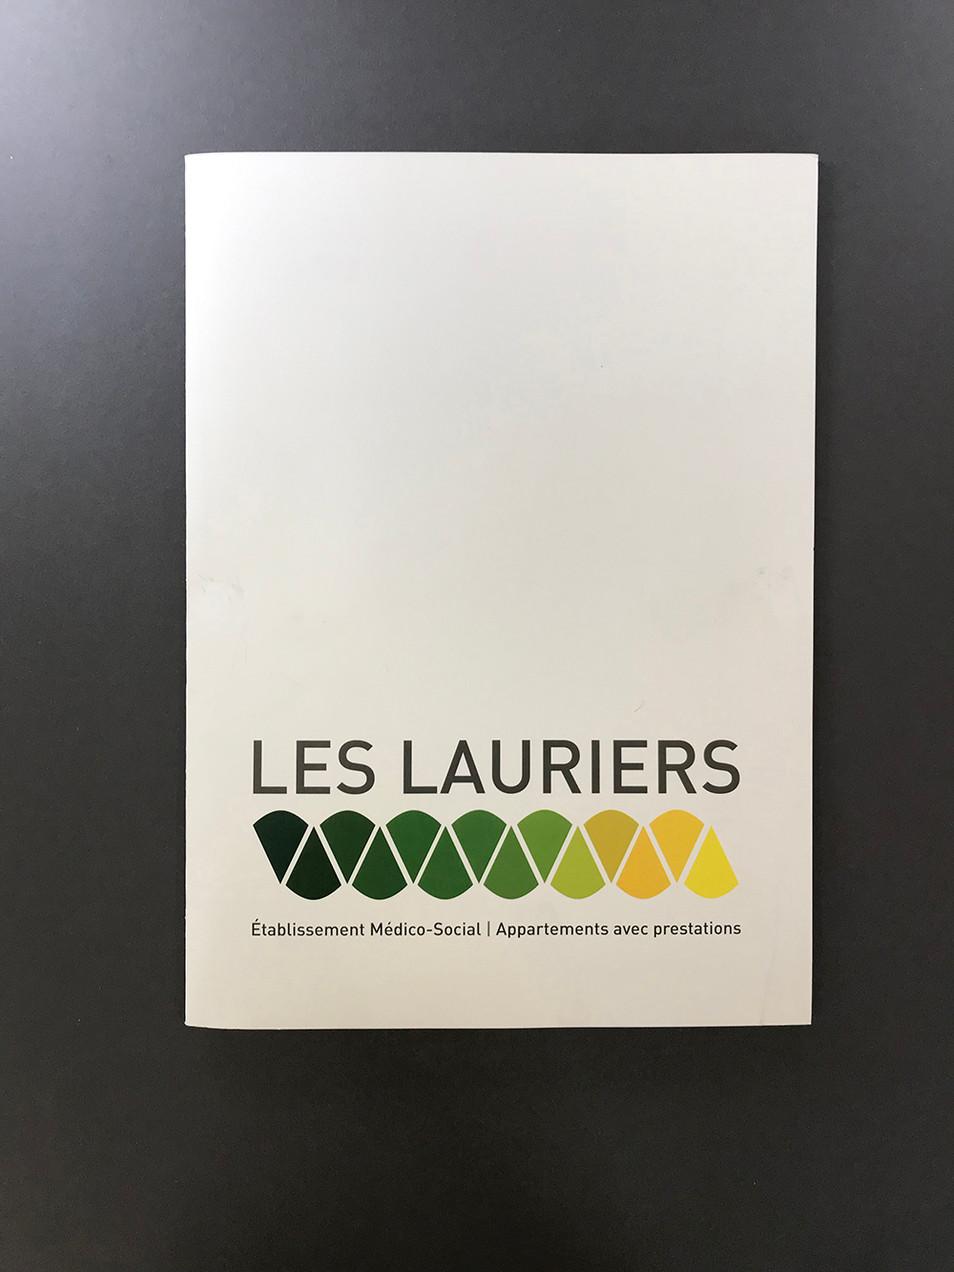 lauriers_4.jpg